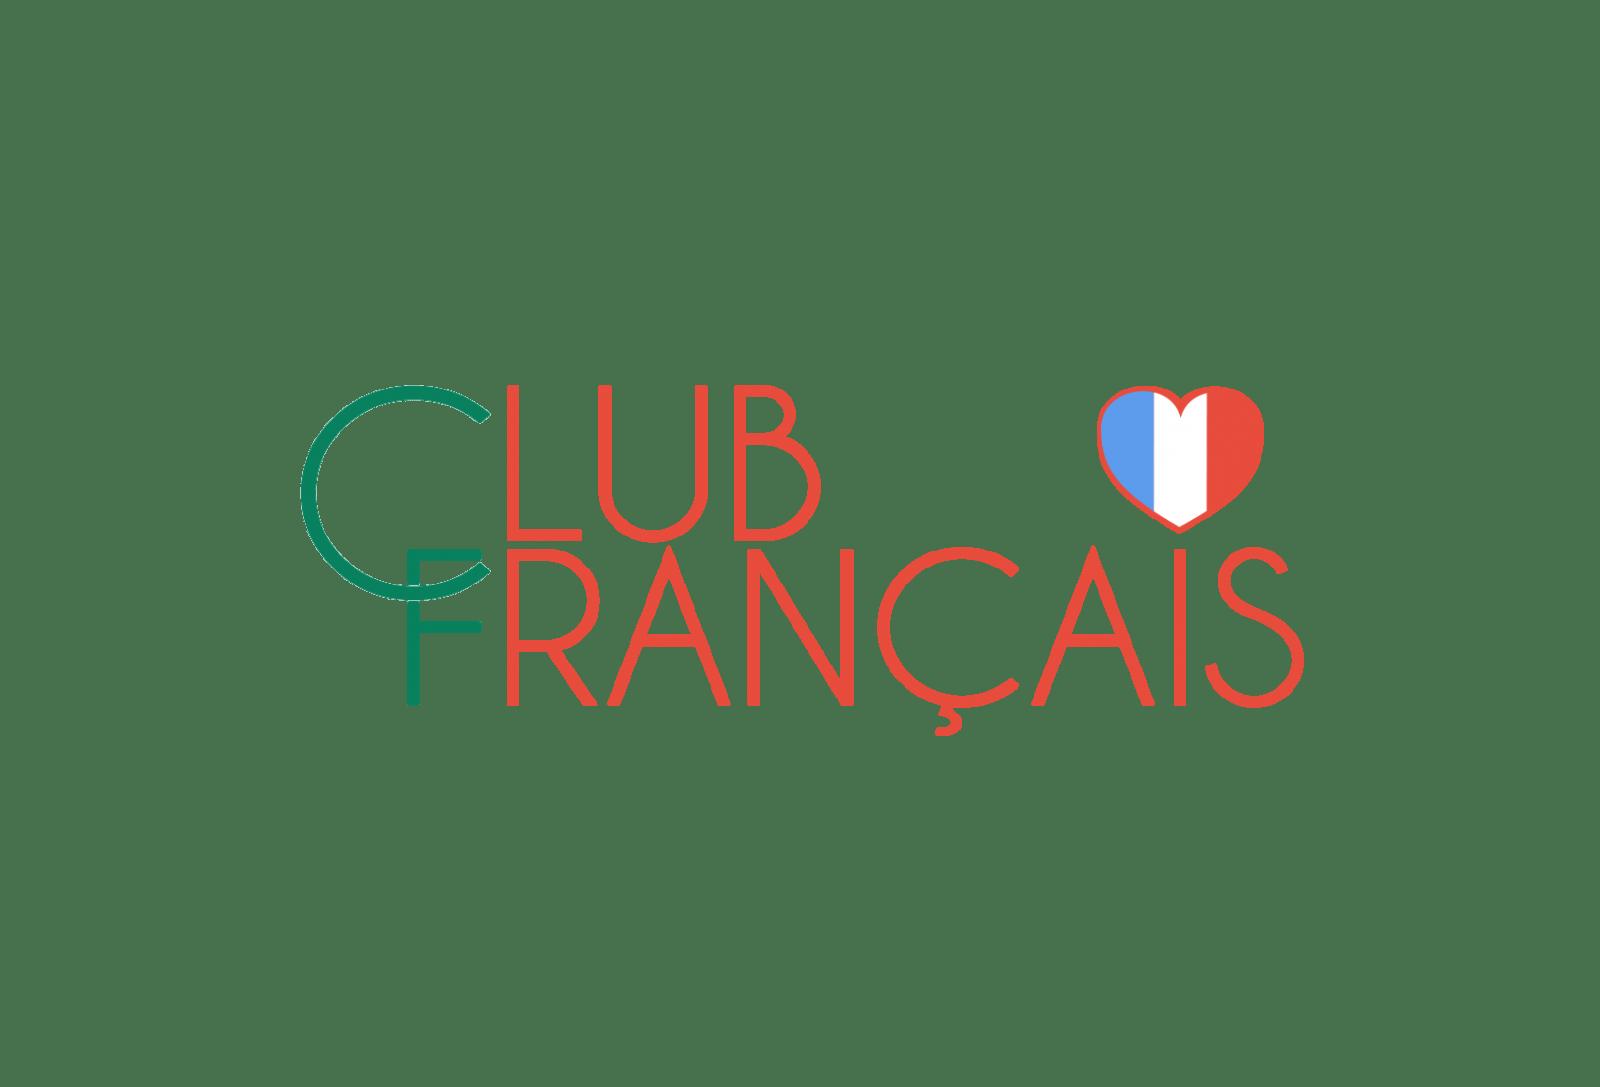 Club Français